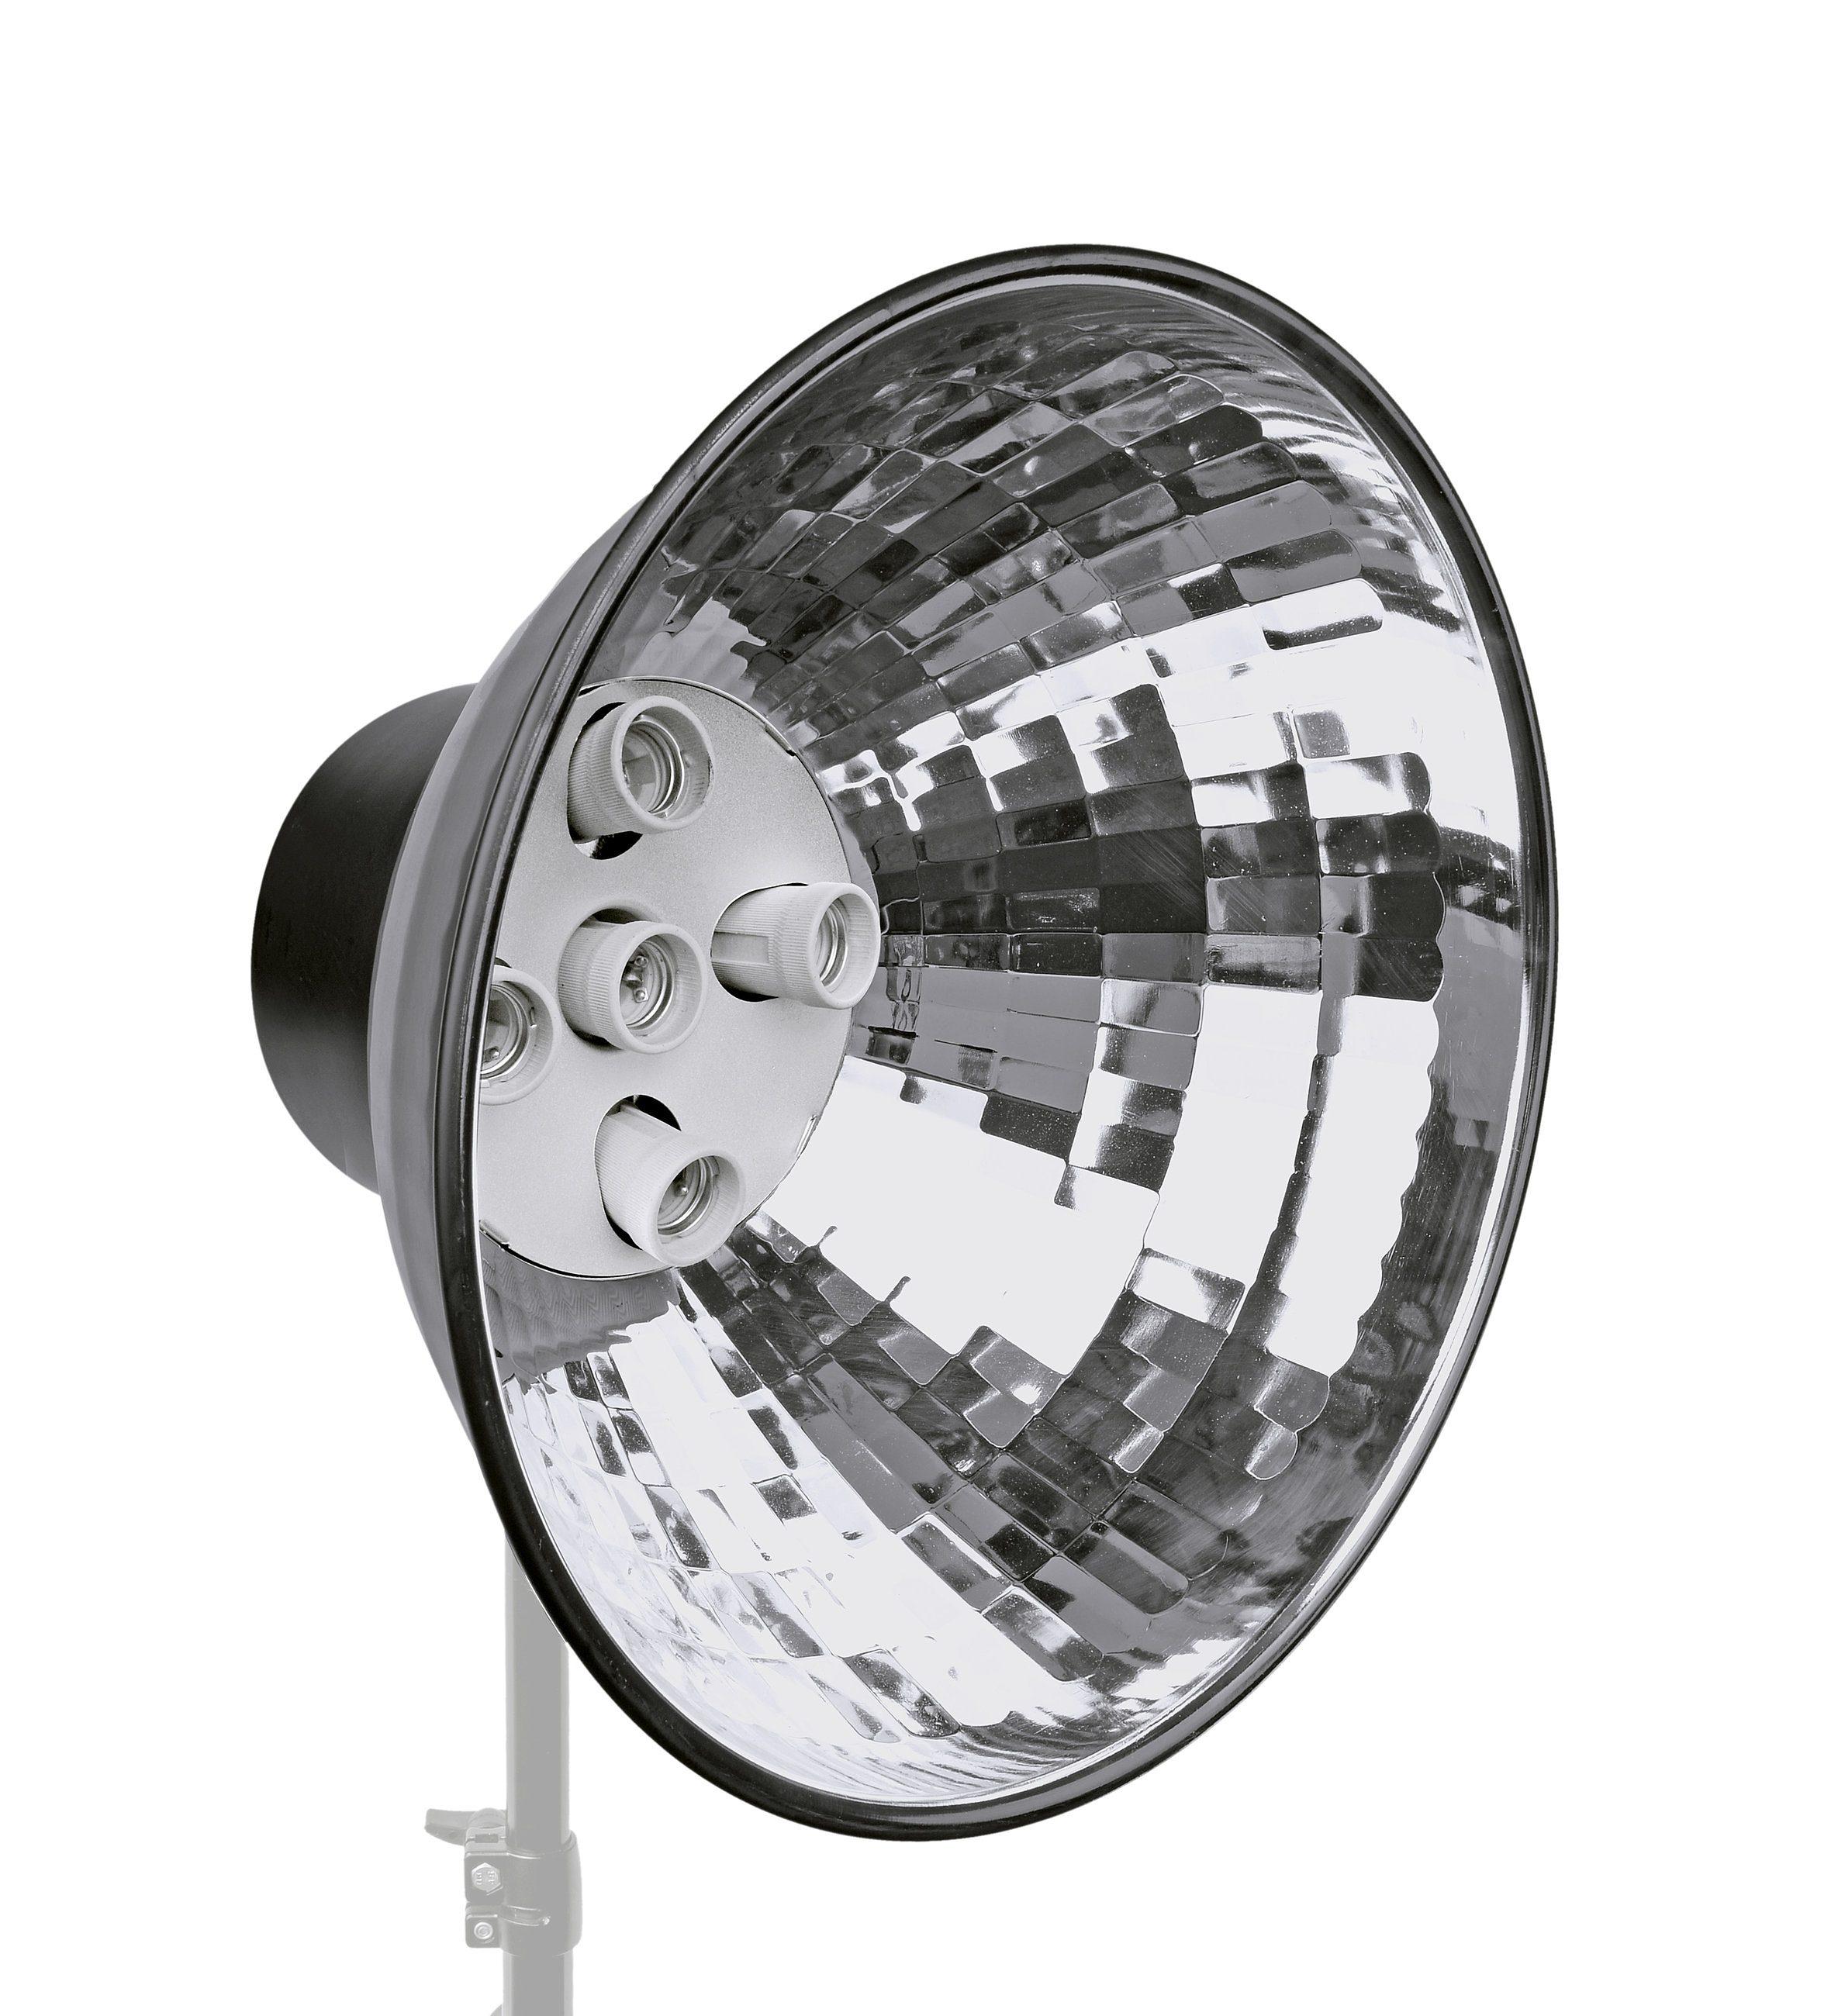 BRESSER Fotostudio »BRESSER Lampenhalter mit Reflektor für 5 Lampen«